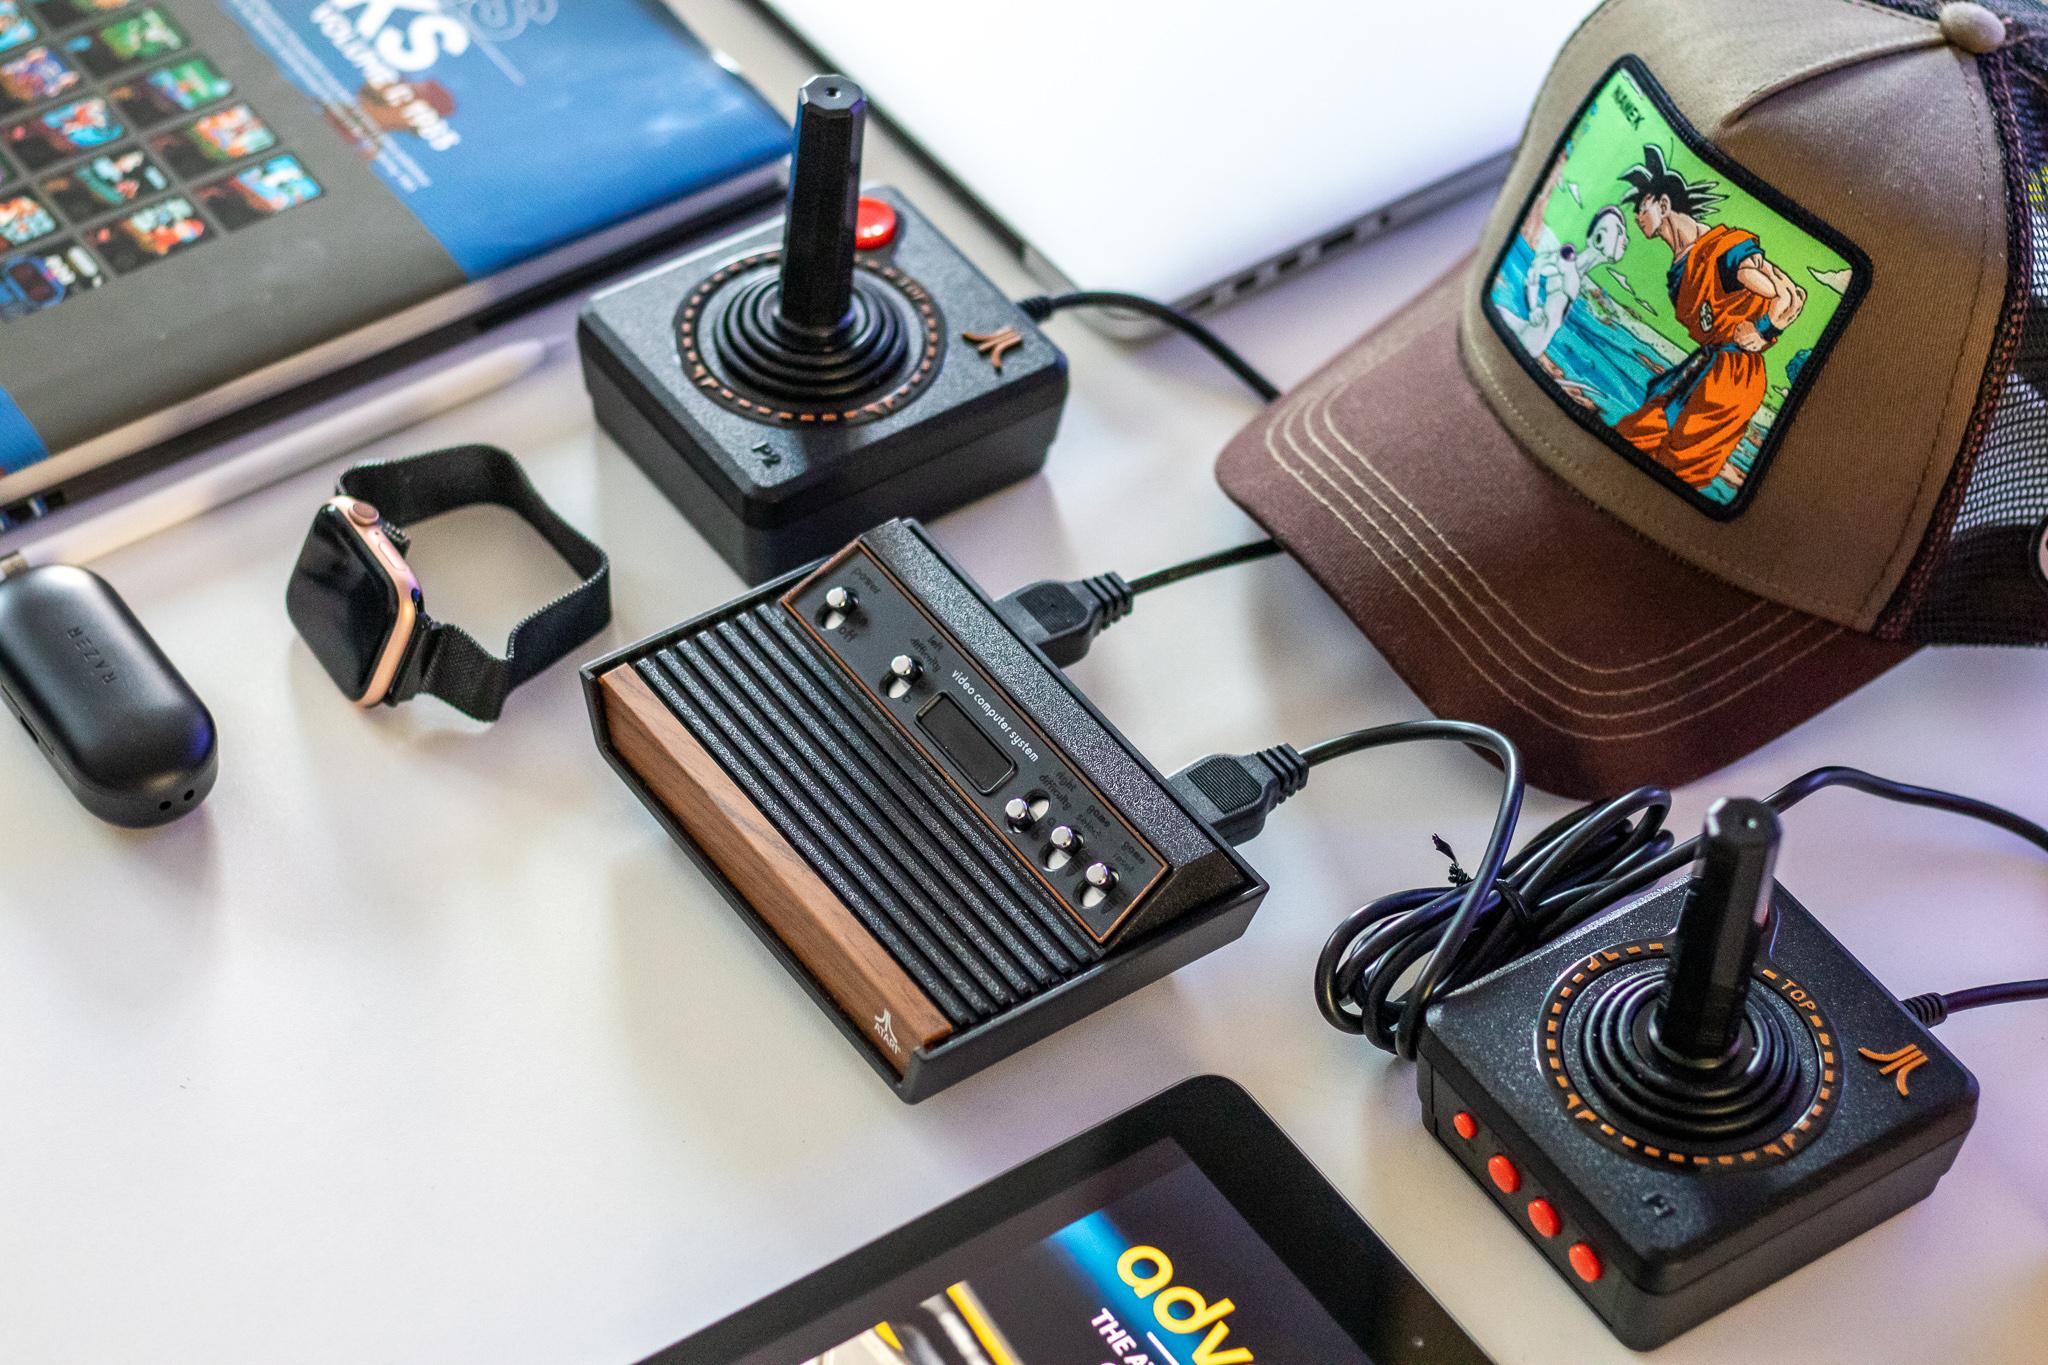 Lidl-etik Atari 2600 probatu nuen.  Atari Flashback X itxura harrigarria da, baina hobeto funtziona lezake